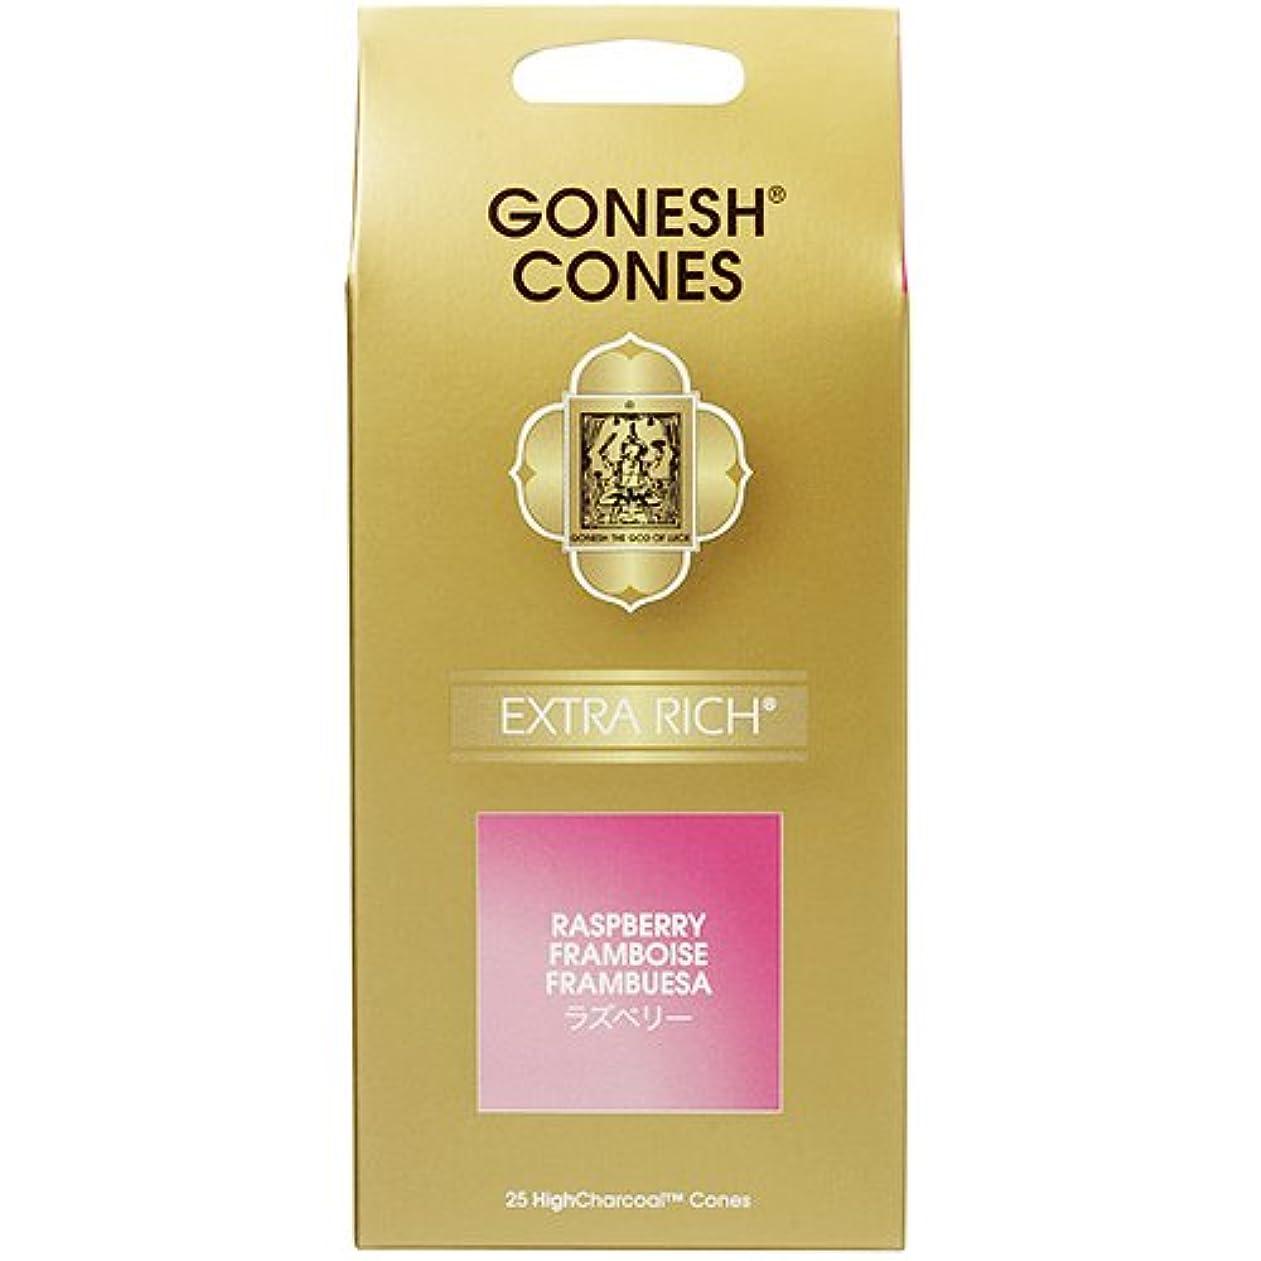 宣伝官僚ブリリアントガーネッシュ(GONESH) エクストラリッチ インセンス コーン ラズベリー 25ヶ入